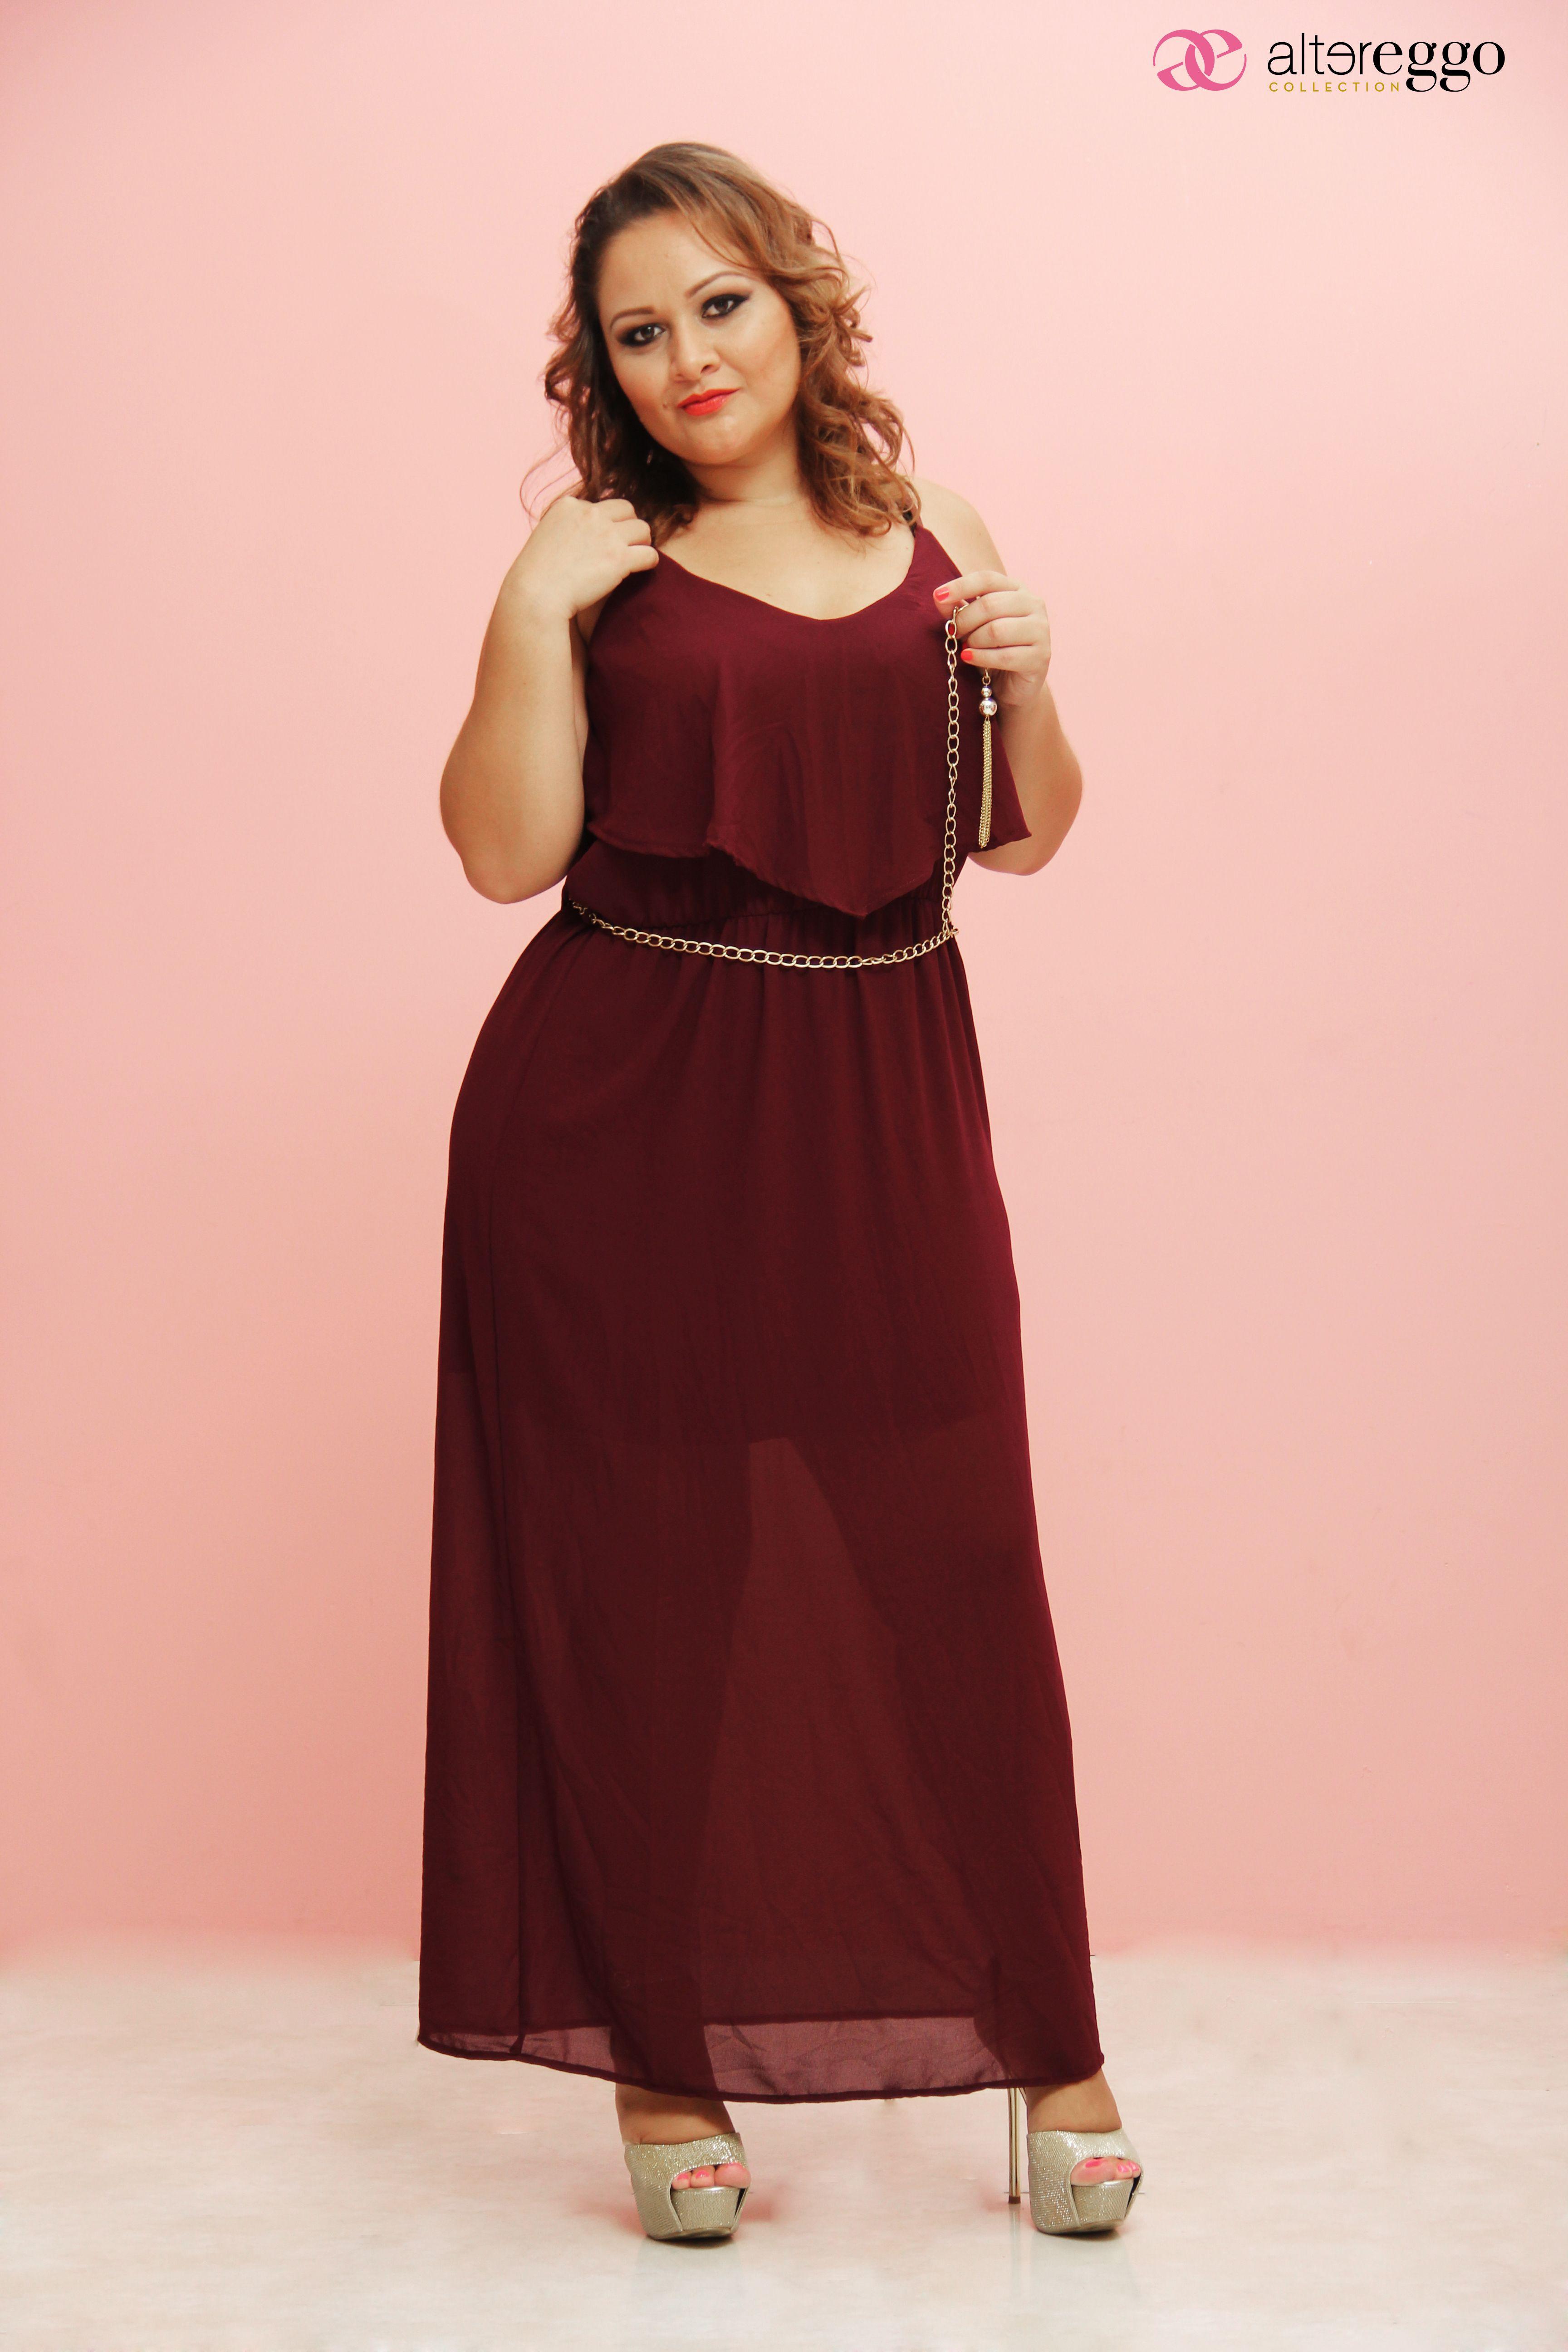 moda #tallas #extra #plus #vestido #gorditas #llenitas #curvy #girl ...